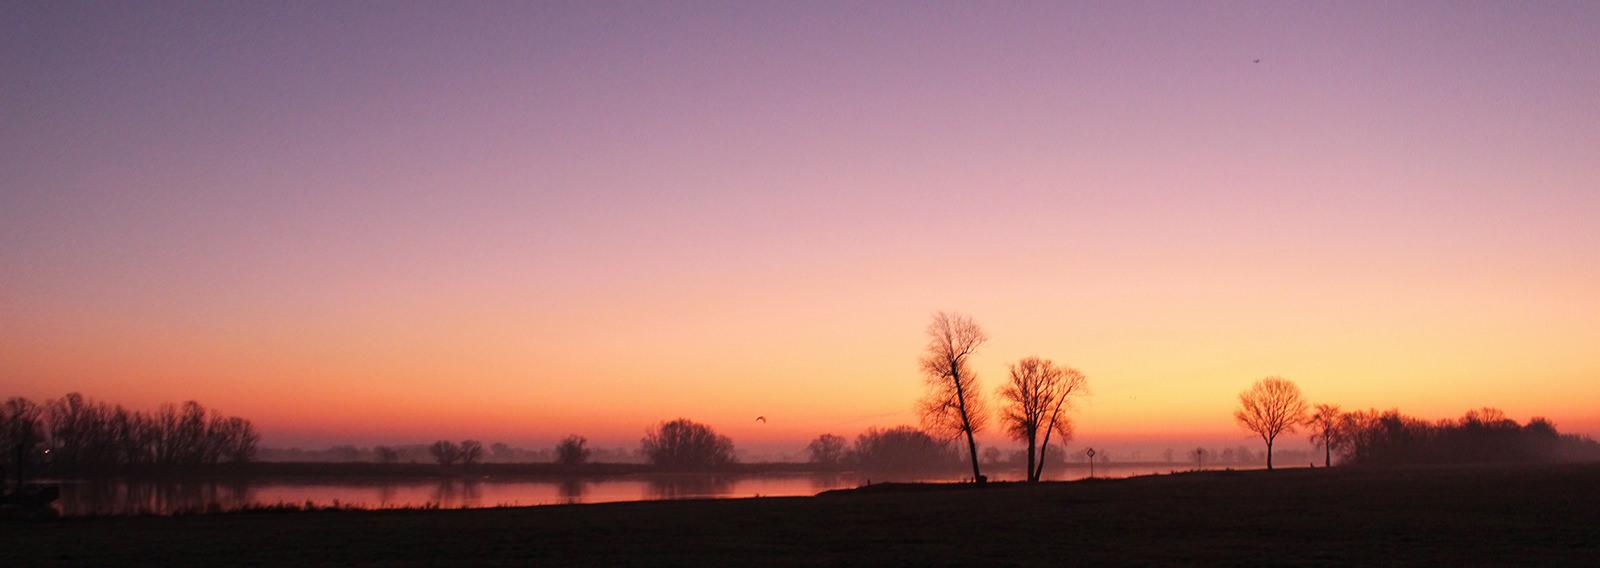 Sonnenuntergang in Hitzacker